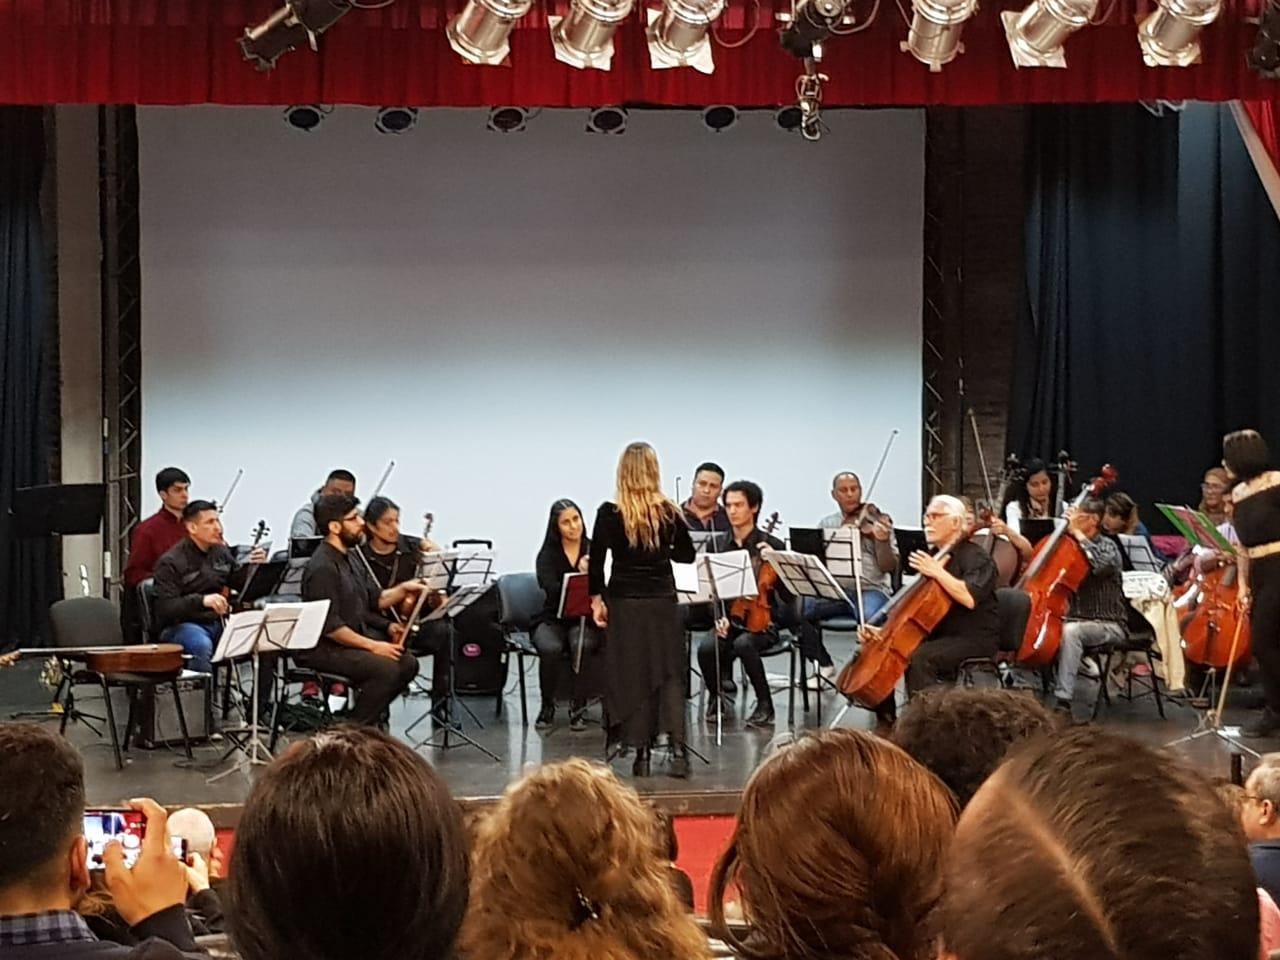 La Secretaría de Cultura invita a cantar el Himno junto a la Orquesta sinfónica municipal